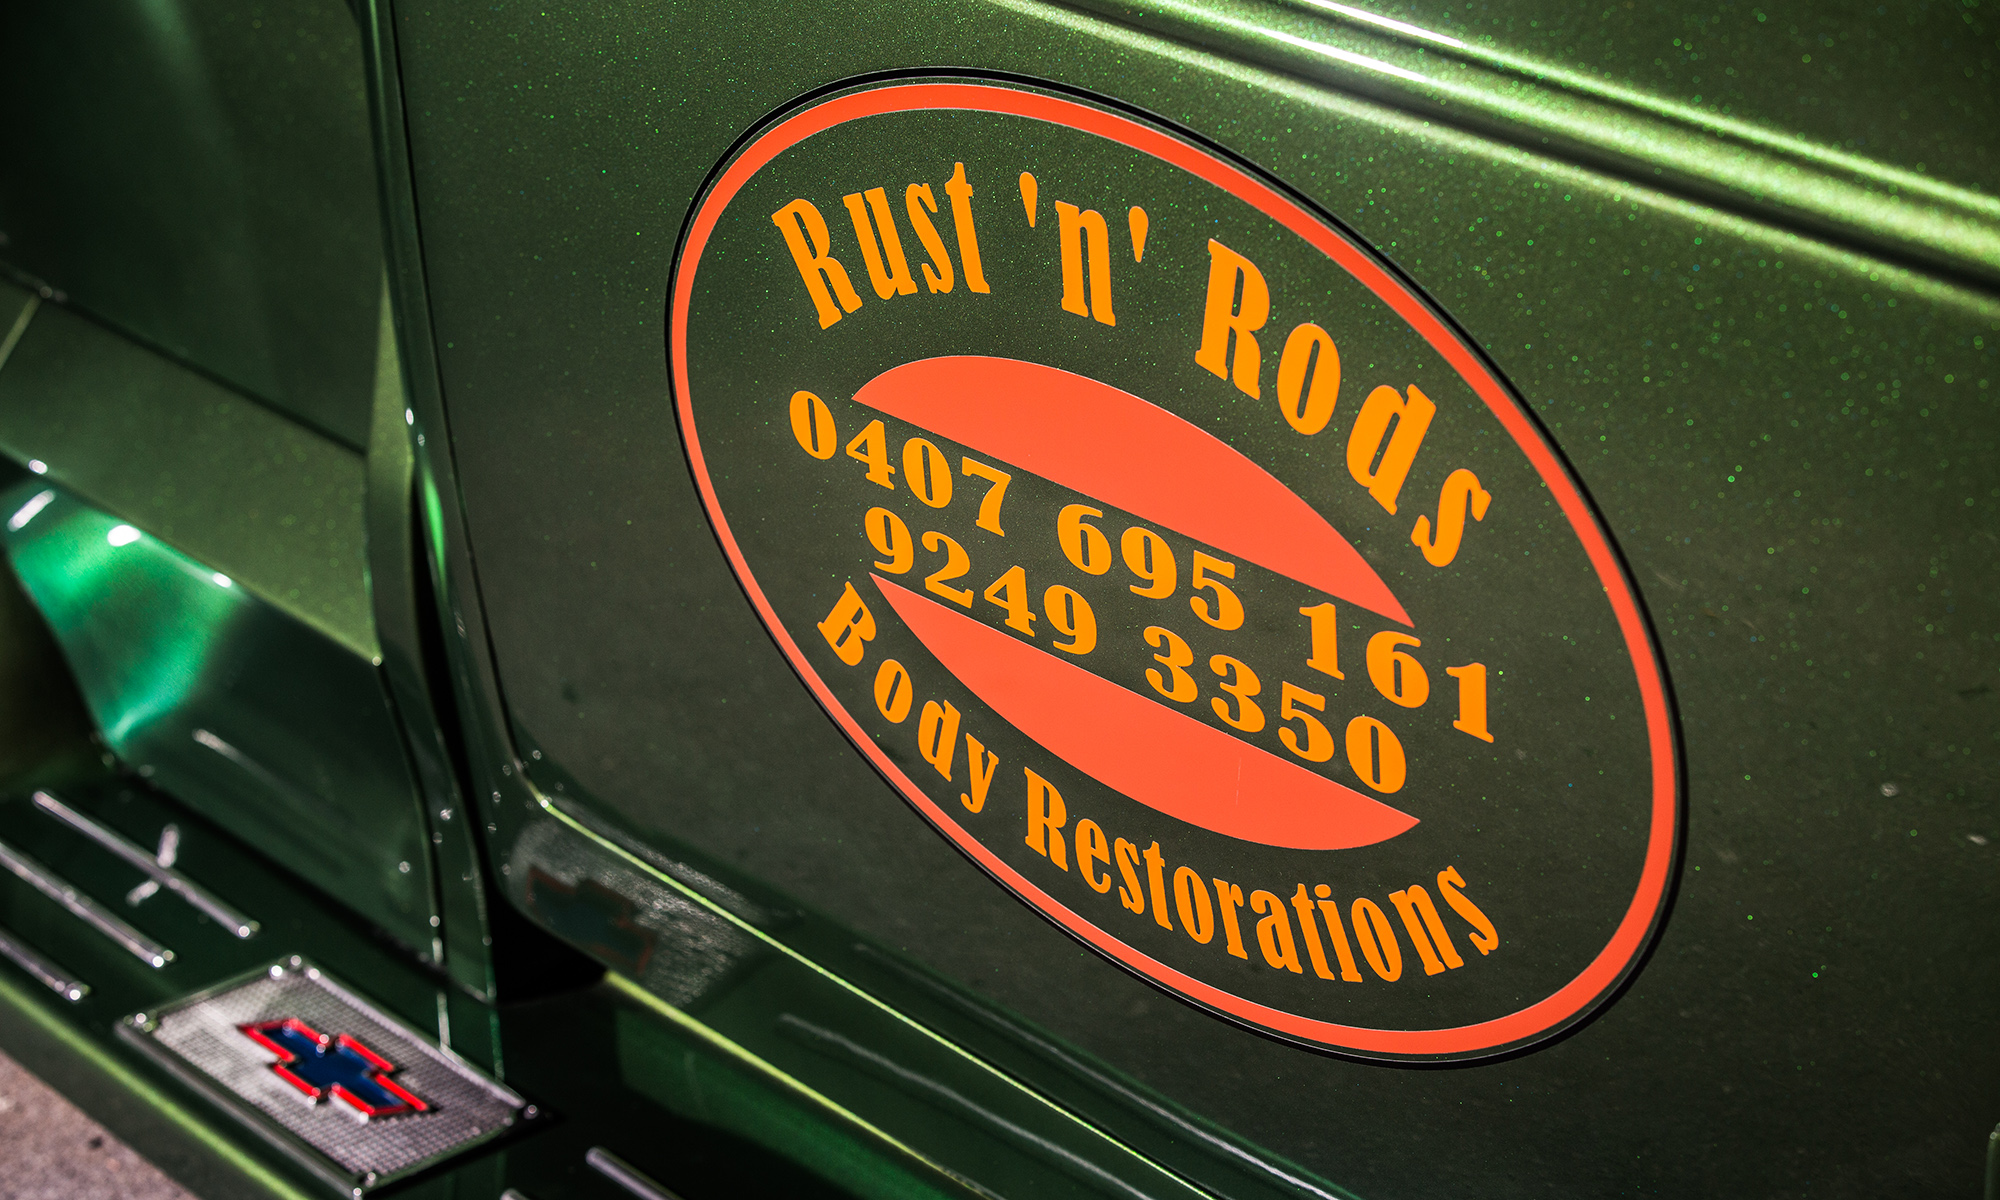 Rust n Rods Social Media